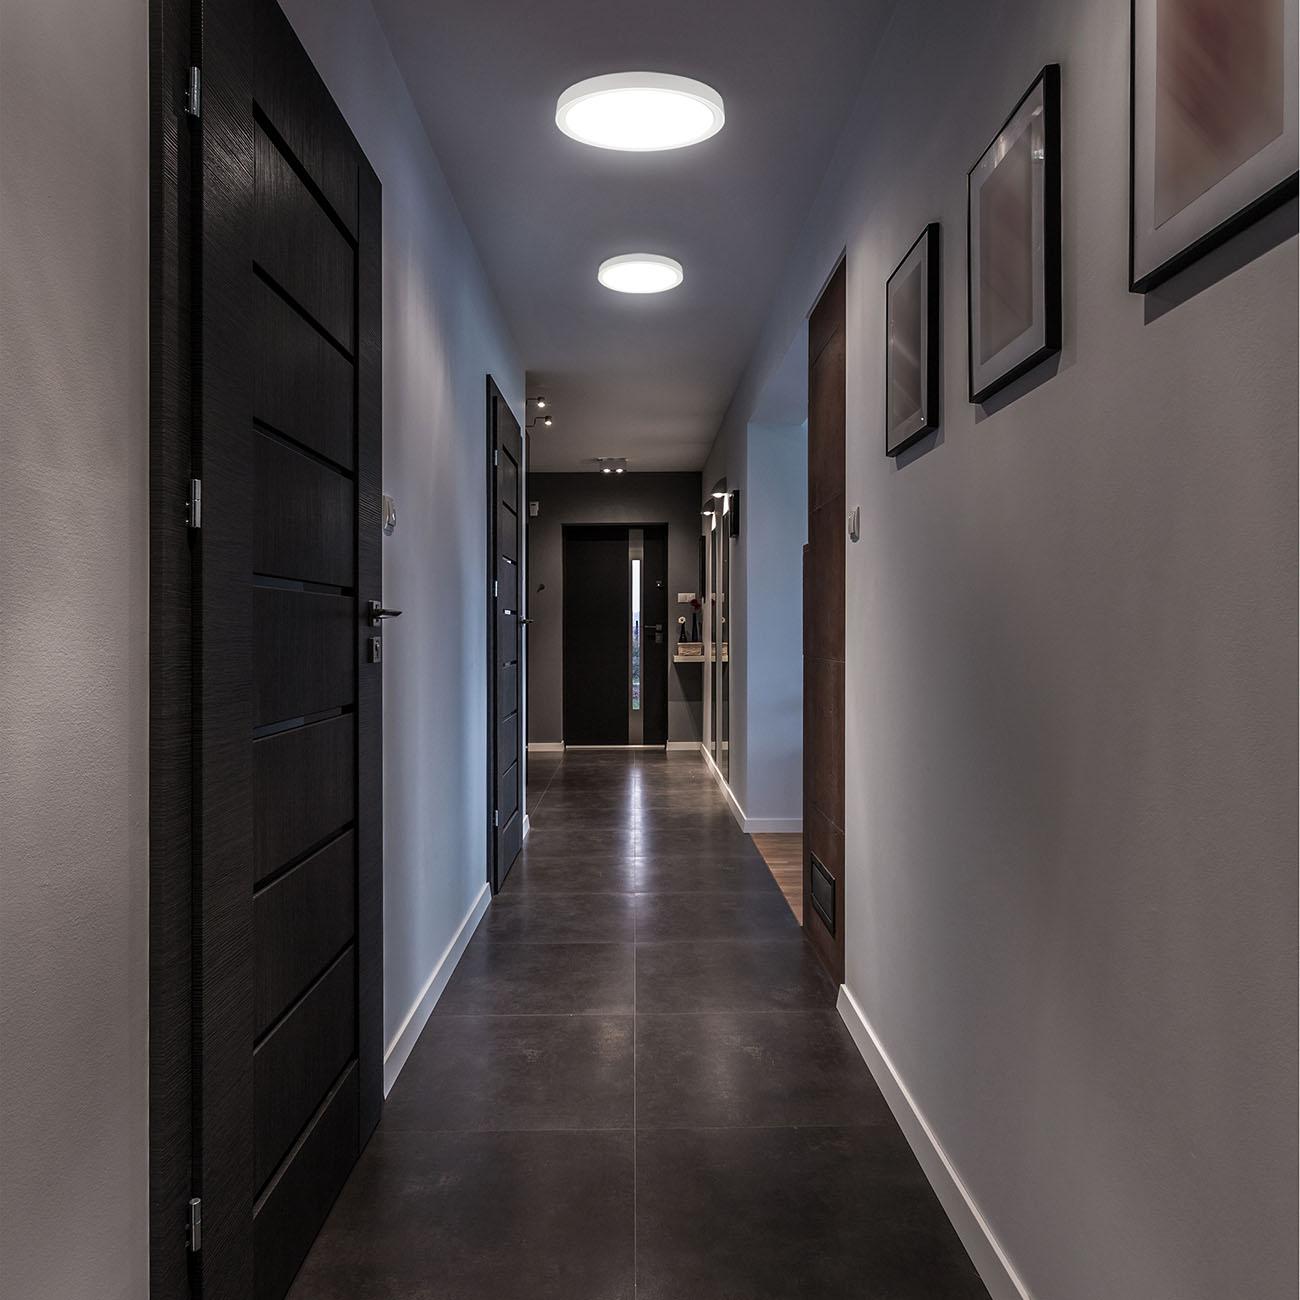 LED Deckenlampe neutralweiß rund  - 7